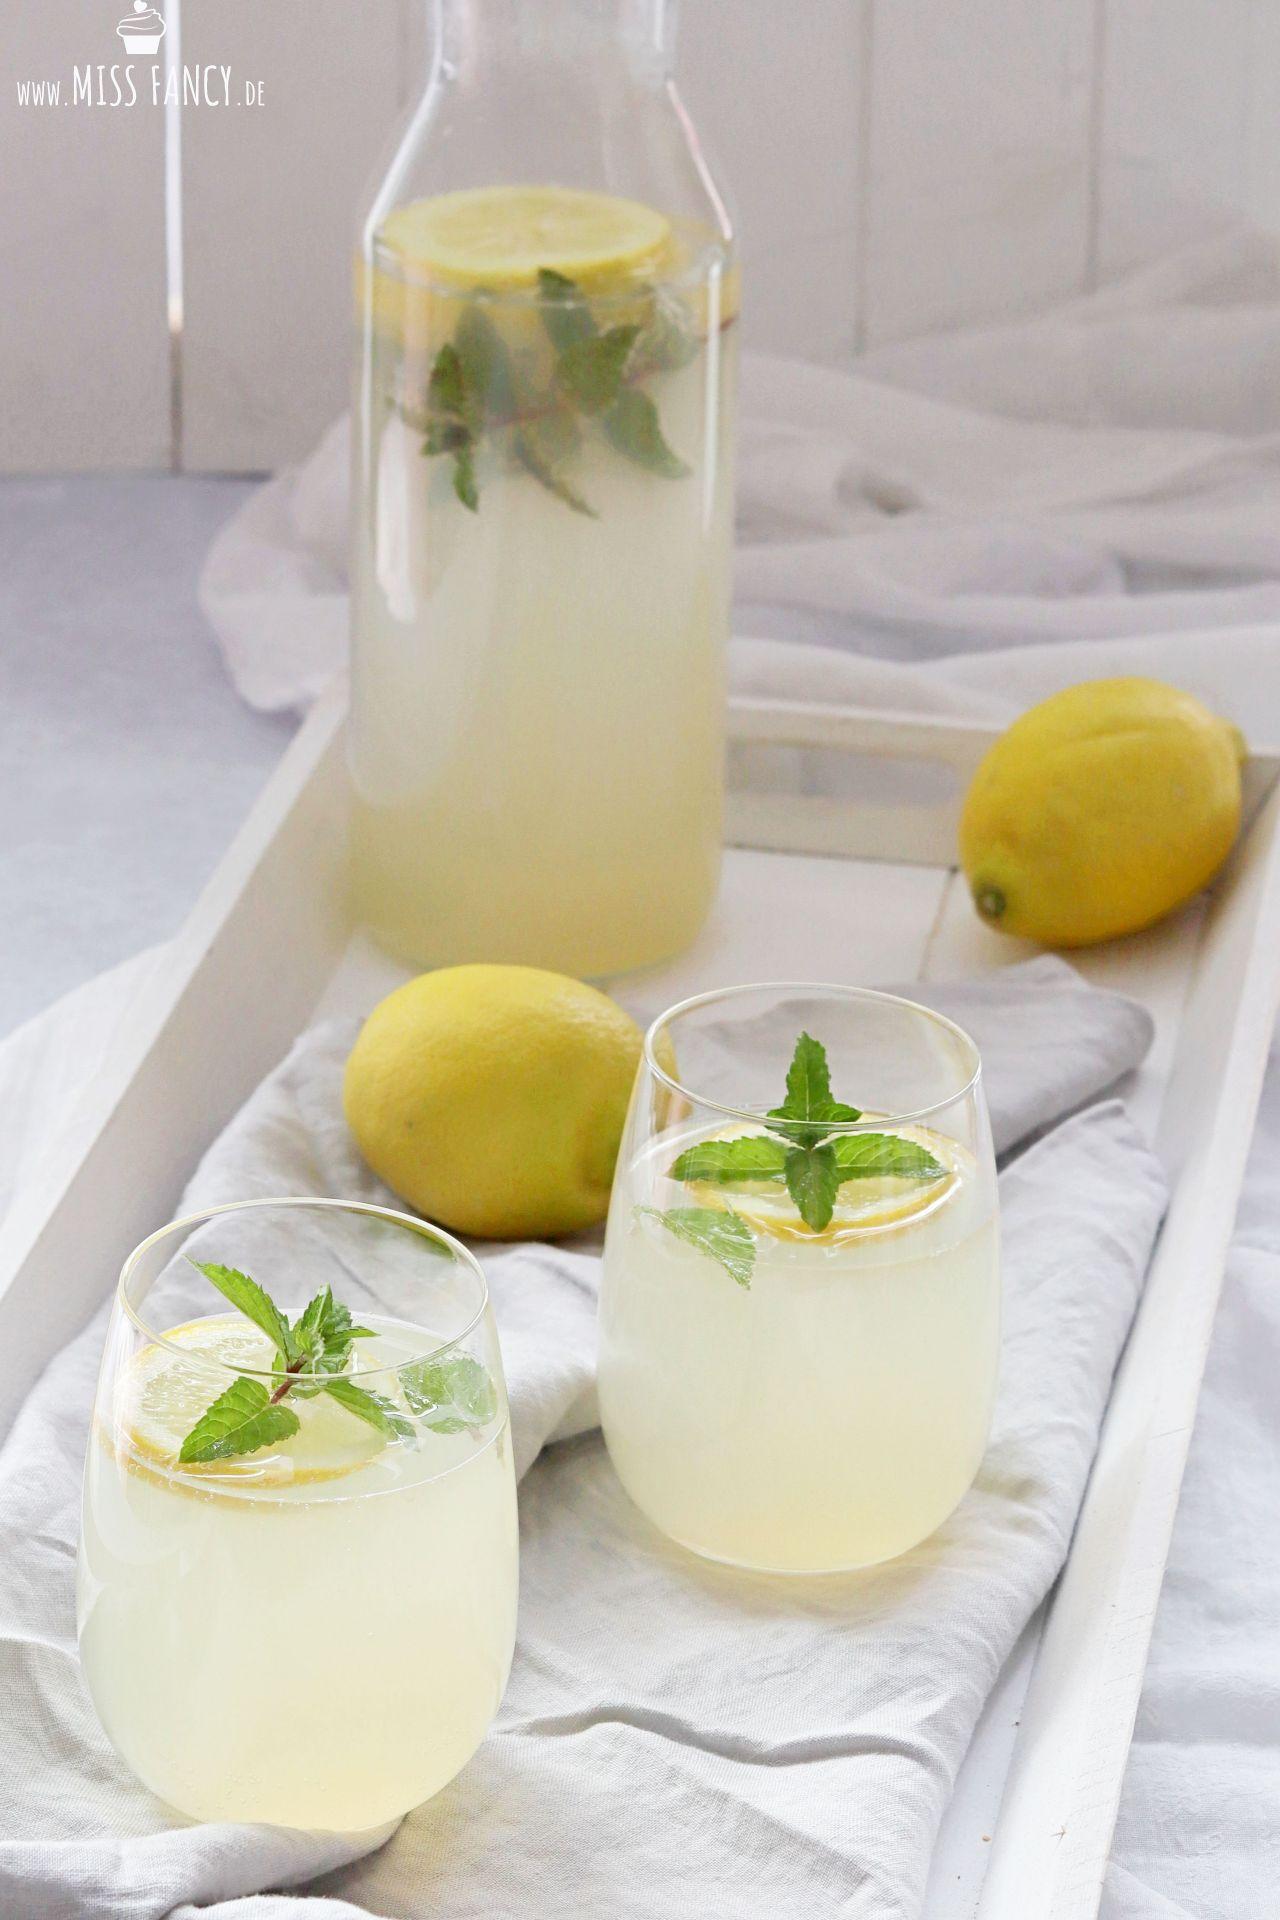 Sommergetränk Holunder-Zitronenlimonade